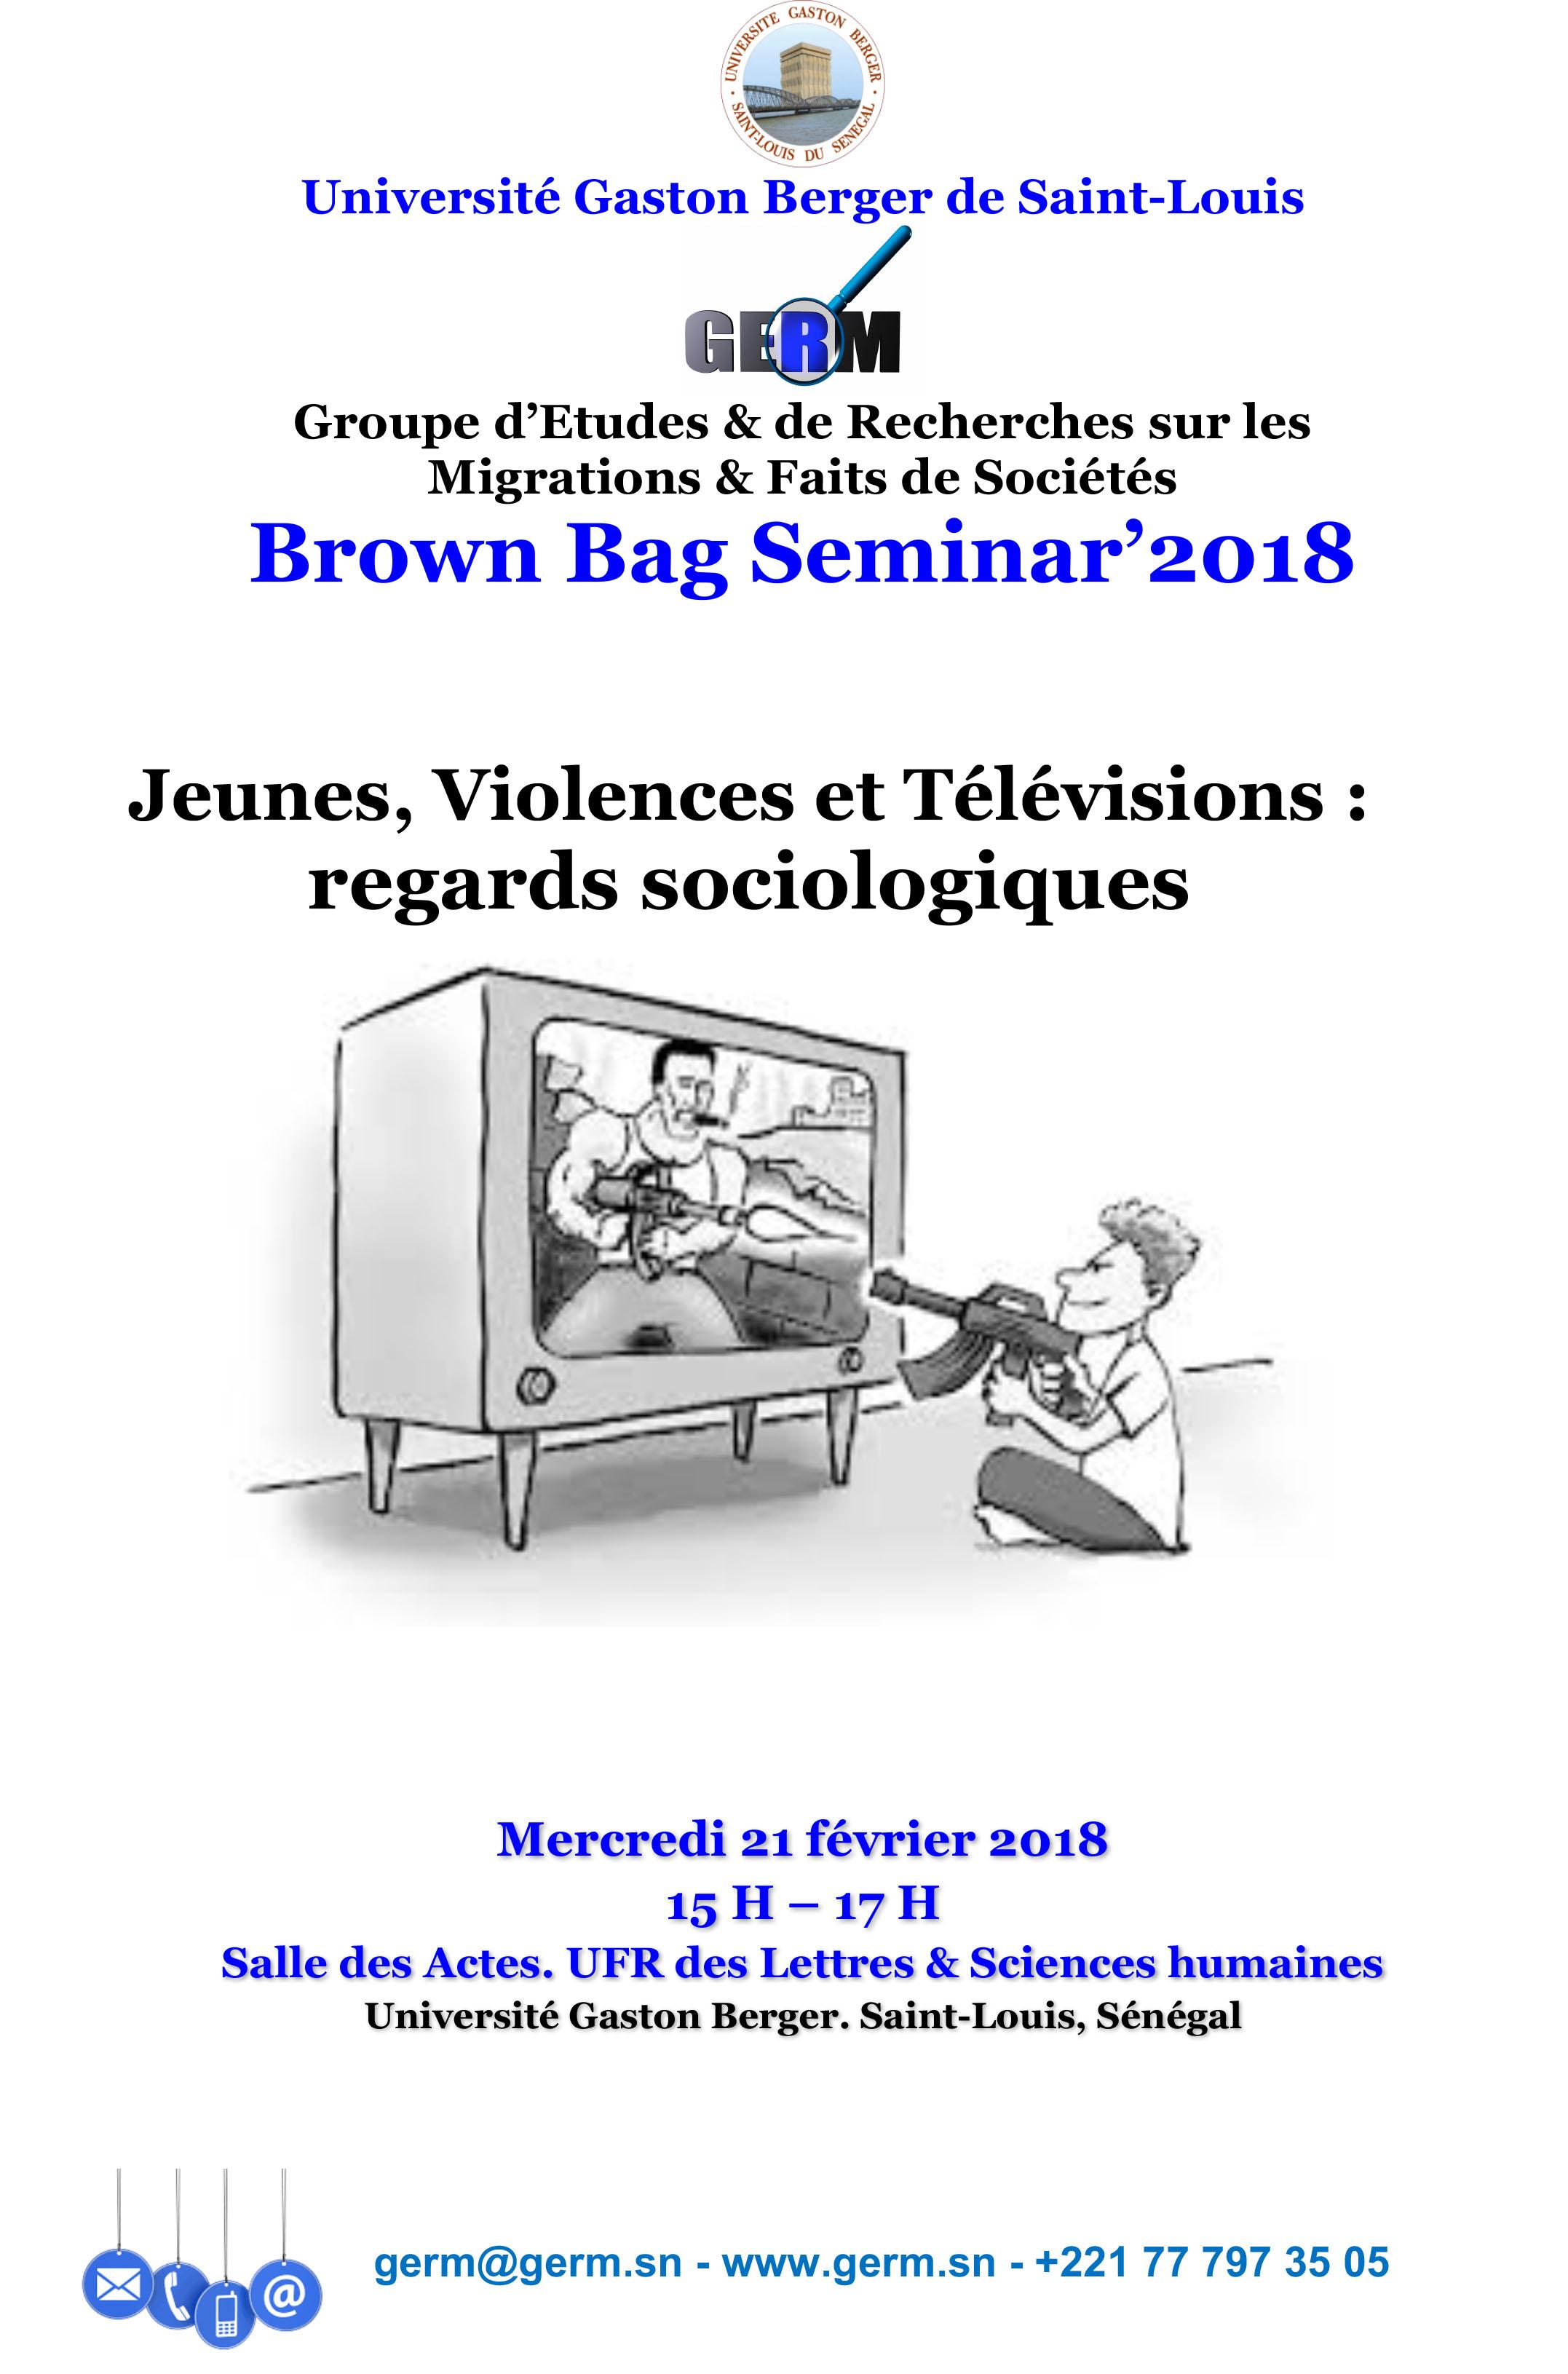 Avis Cuisine Hacker 2018 brown bag seminar'2018 – jeunes, violences et télévisions